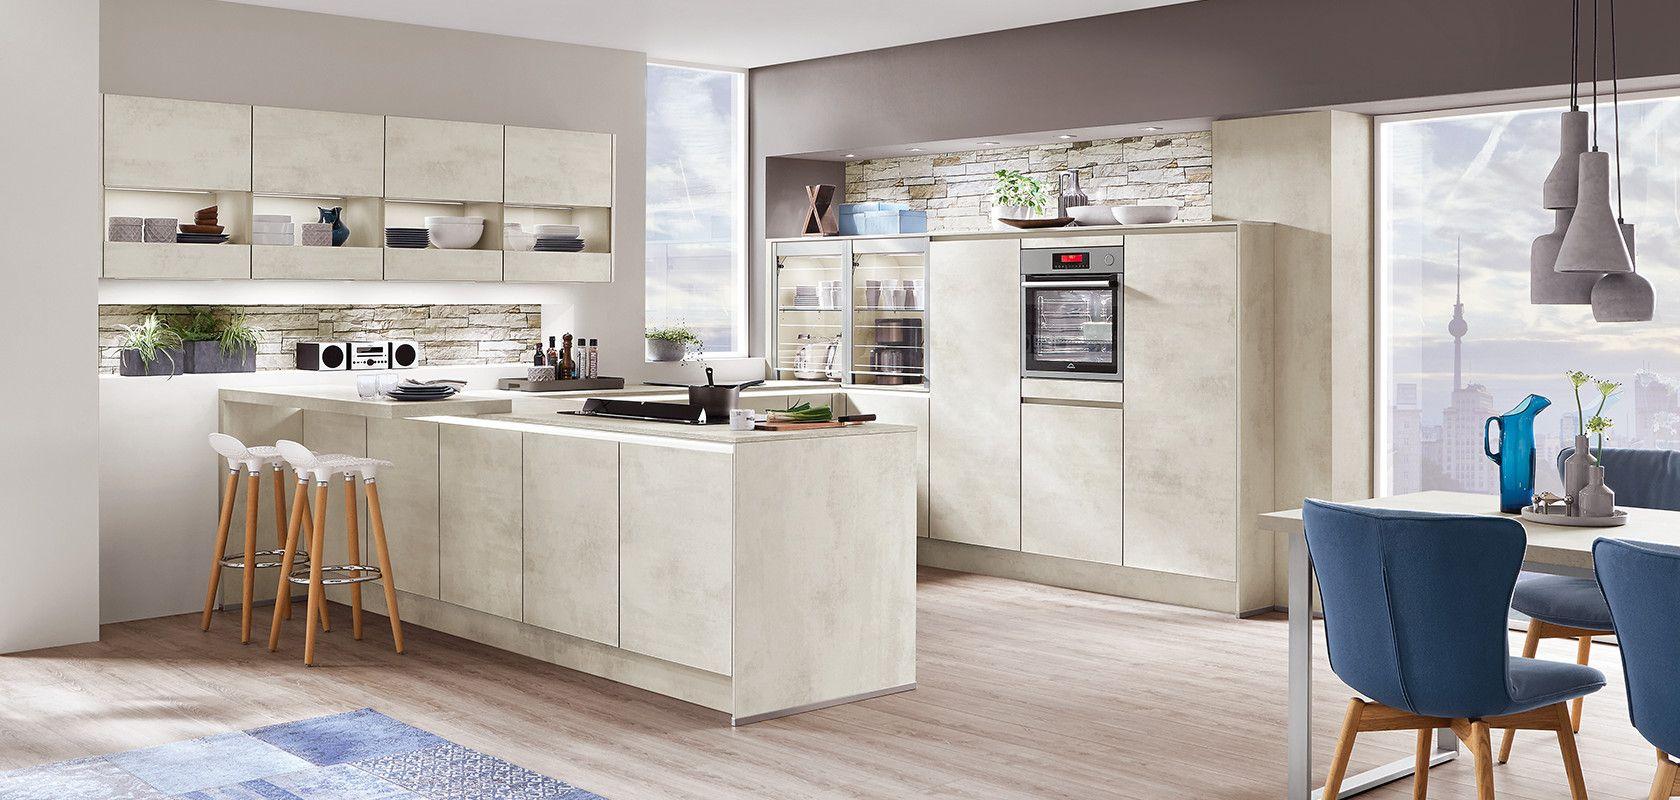 Riva 891 White Concrete Reproduction Designer Kitchens Line N Handleless Nobilia Kuchen Interior Room Decoration Kitchen Design Nobilia Kitchen